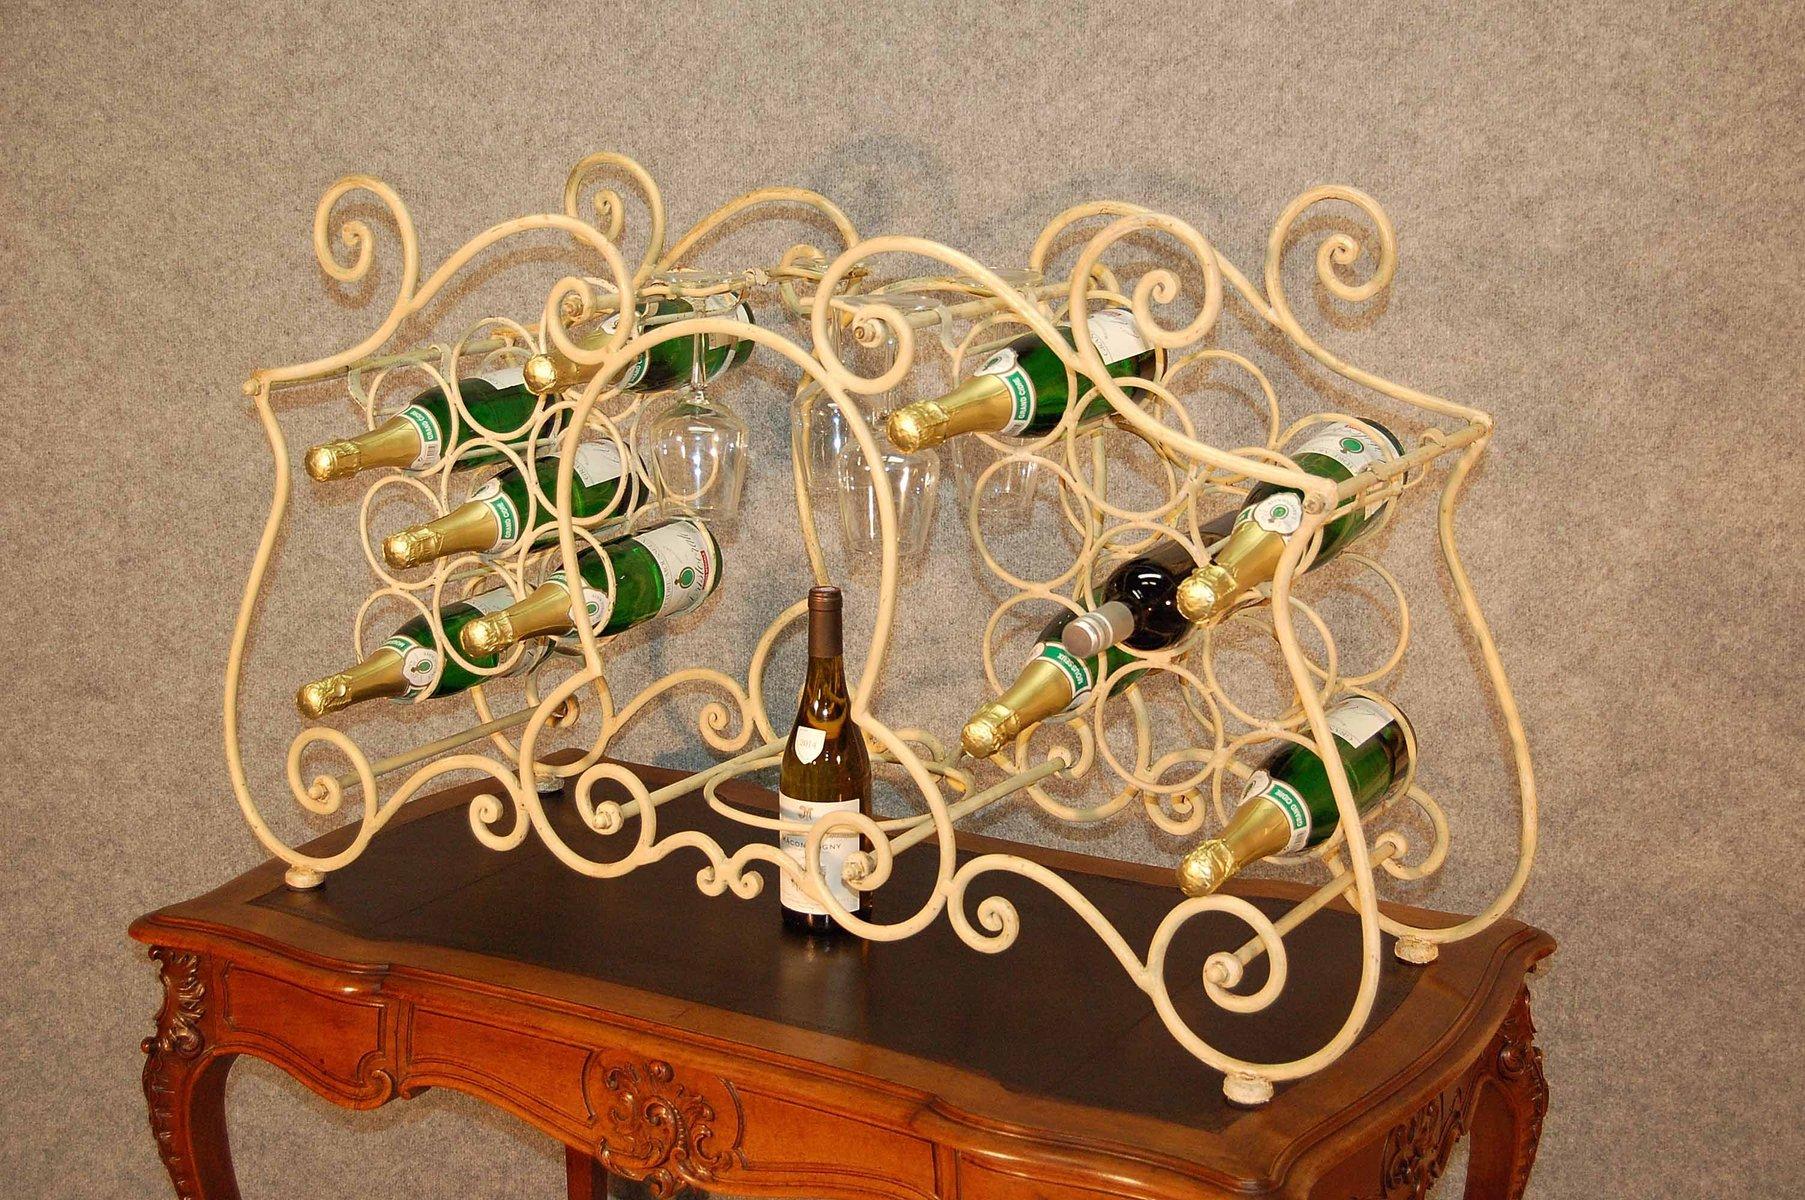 Porte bouteilles vintage en fer forg 1960s en vente sur pamono for Prix porte en fer forge